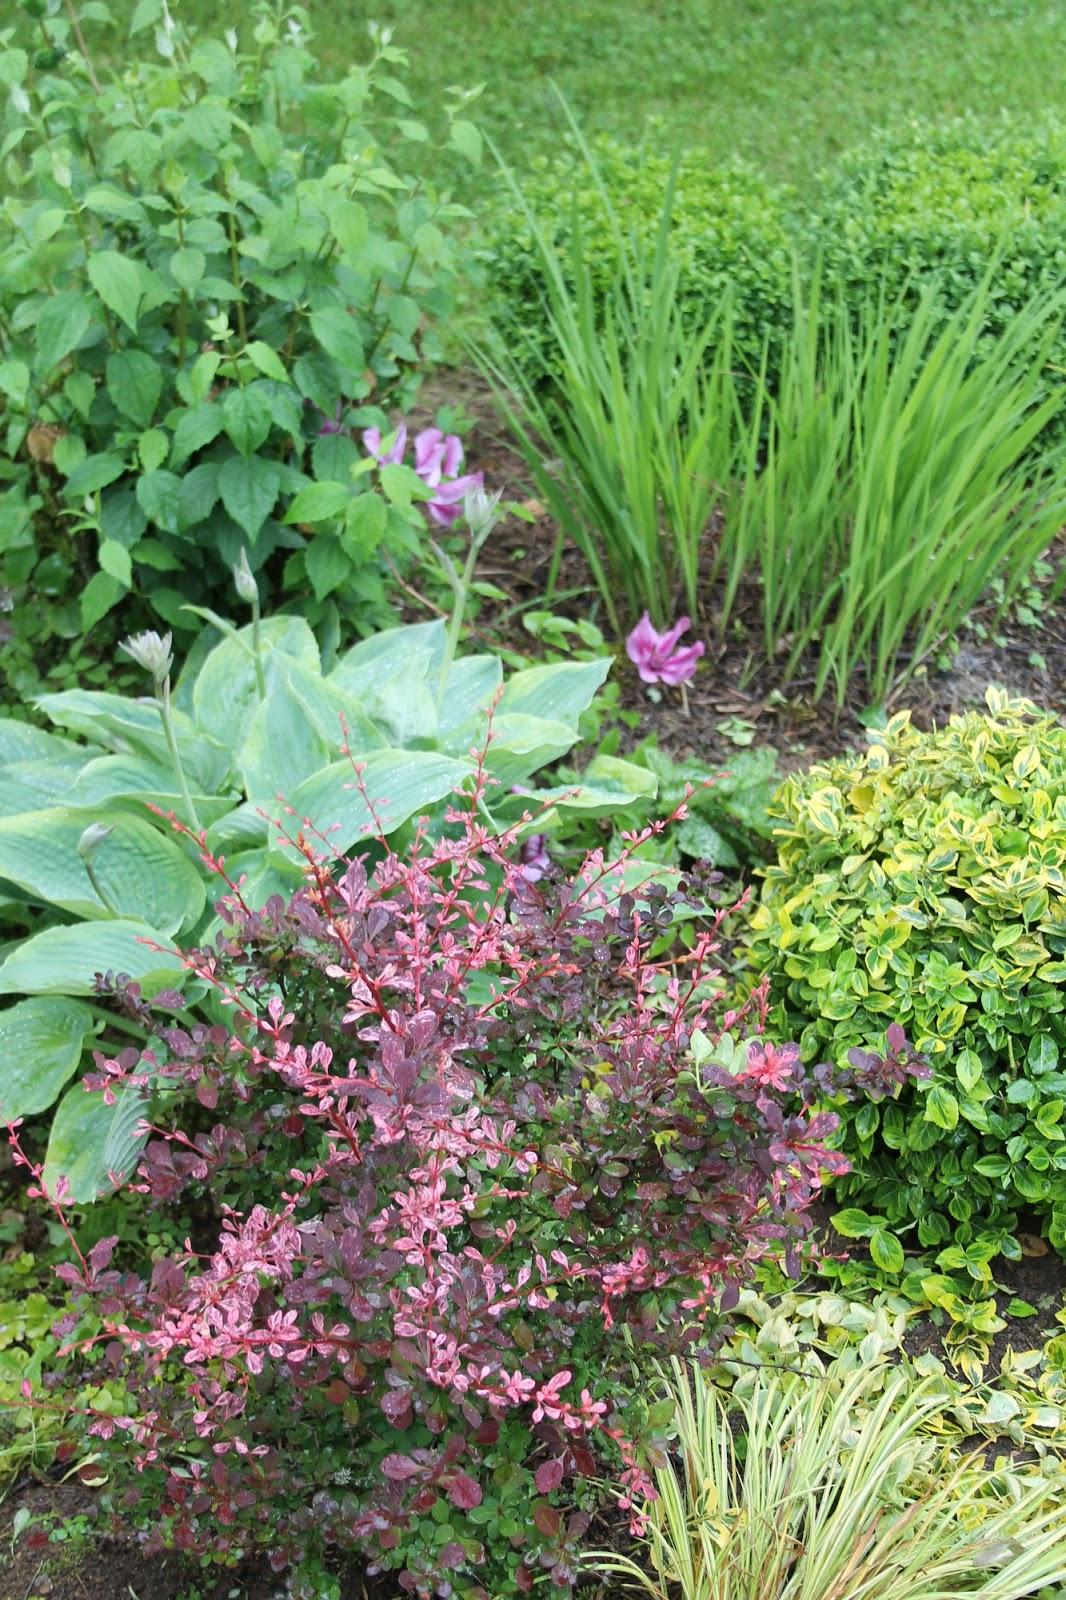 Doubs jardin petit tour au jardin 1 for Plante au jardin